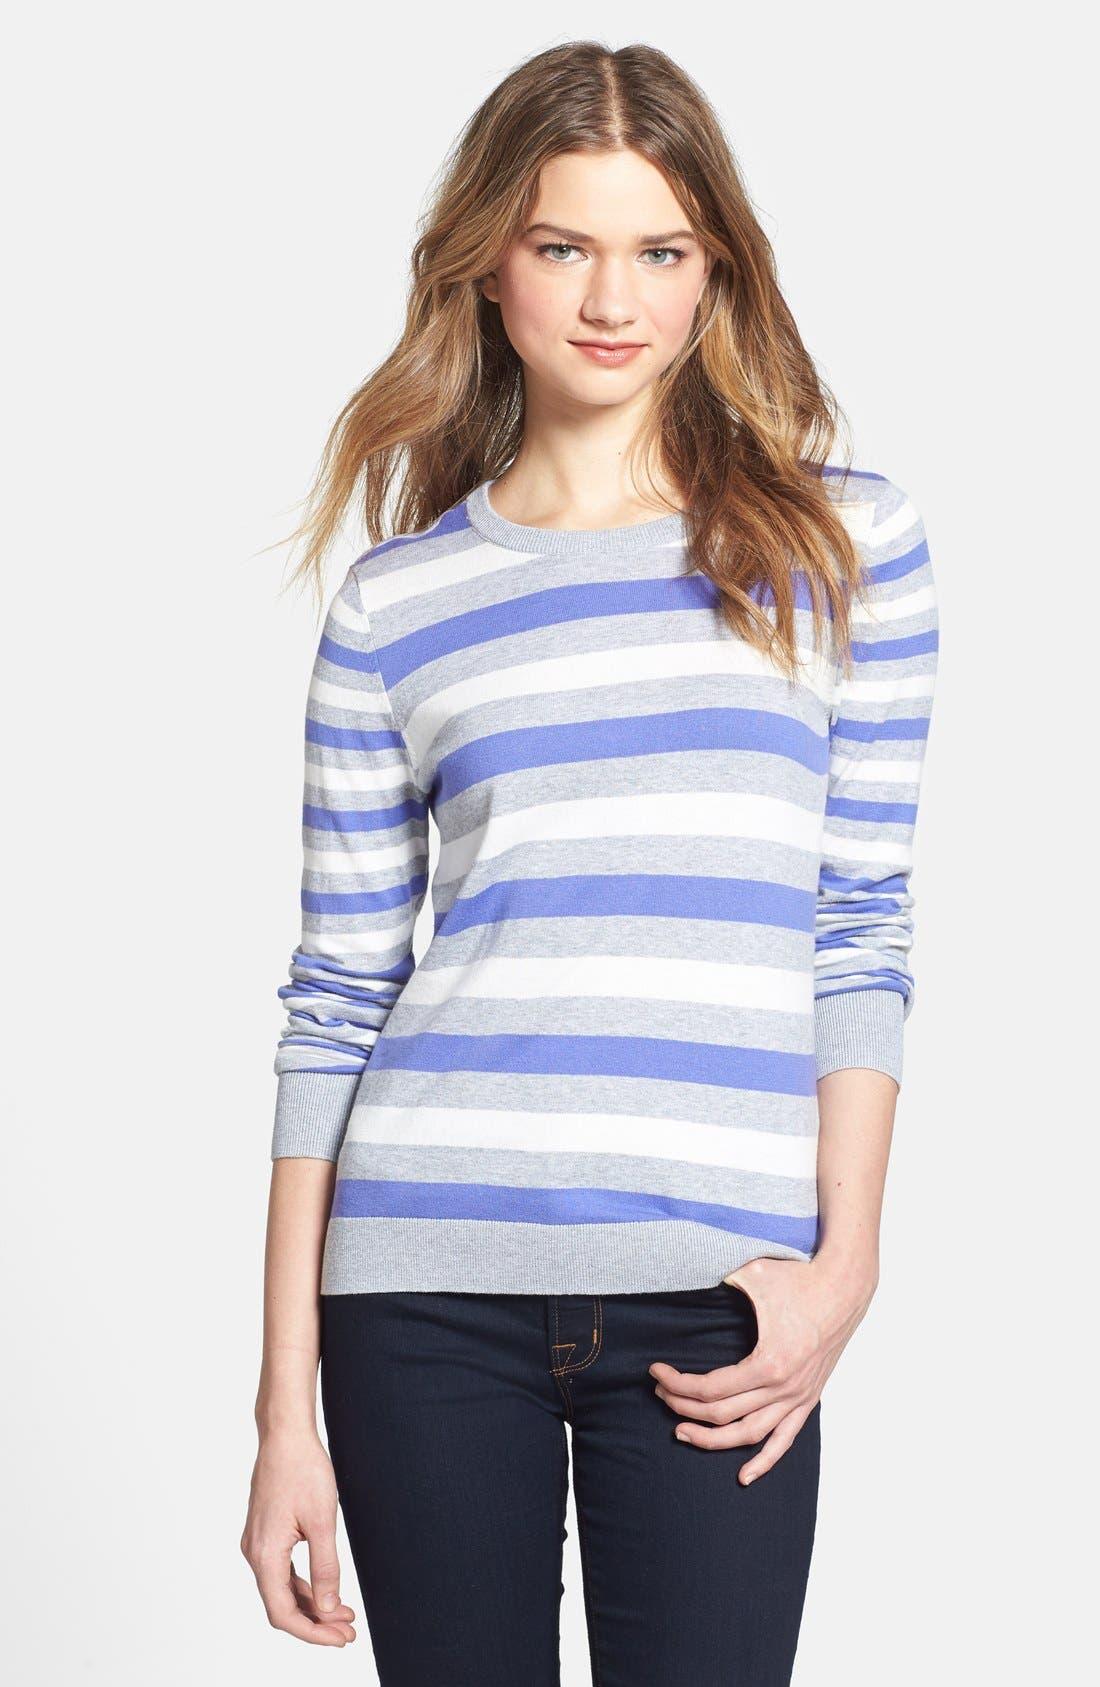 Alternate Image 1 Selected - Vince Camuto Stripe Crewneck Sweater (Petite)